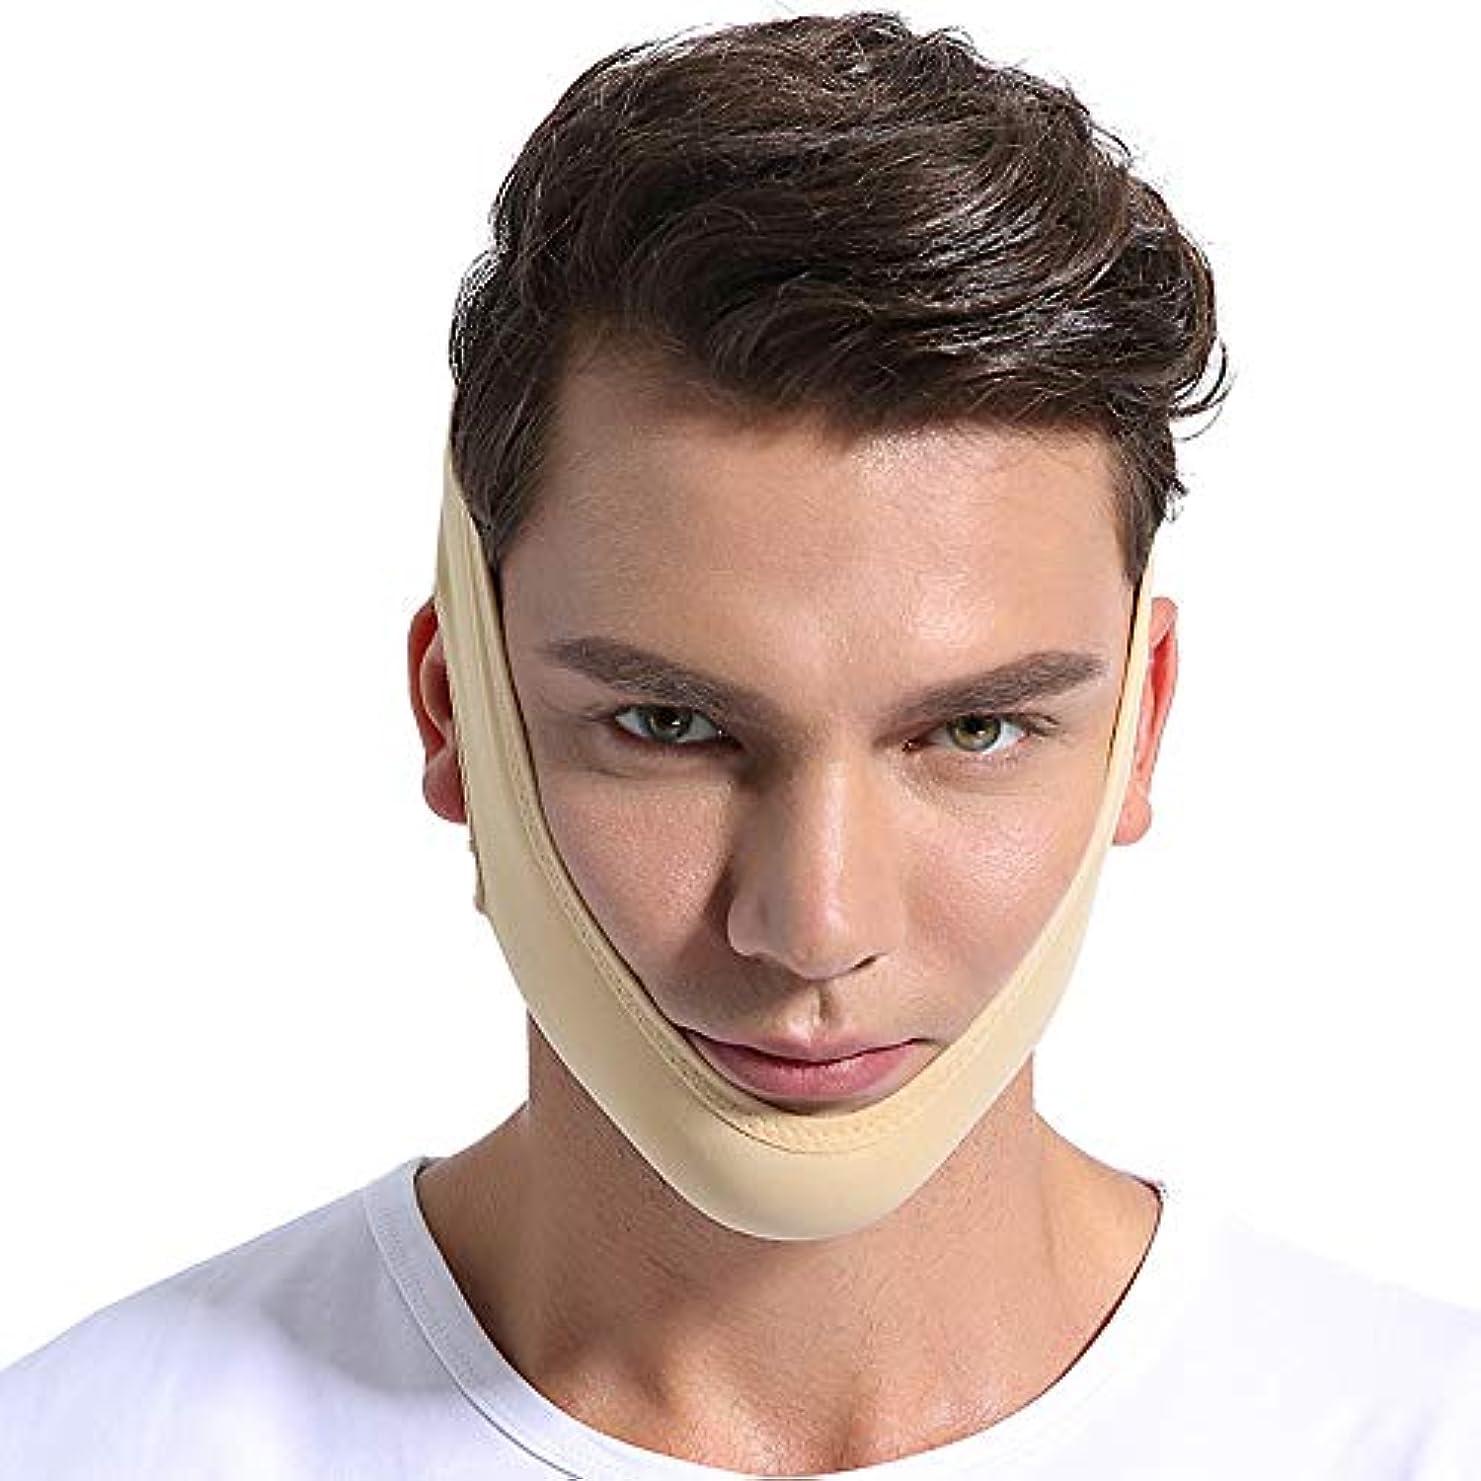 厳しい布仲良し女性用フェイススリミングマスク、ウェルネスマスク、フェイスケア用フェイスバンデージフェイシャルスリミングマスクシンネックフェイスリフトダブルチンVフェイスラインアンチストレスマスクスムース通気性スリムアップベルトストラップ